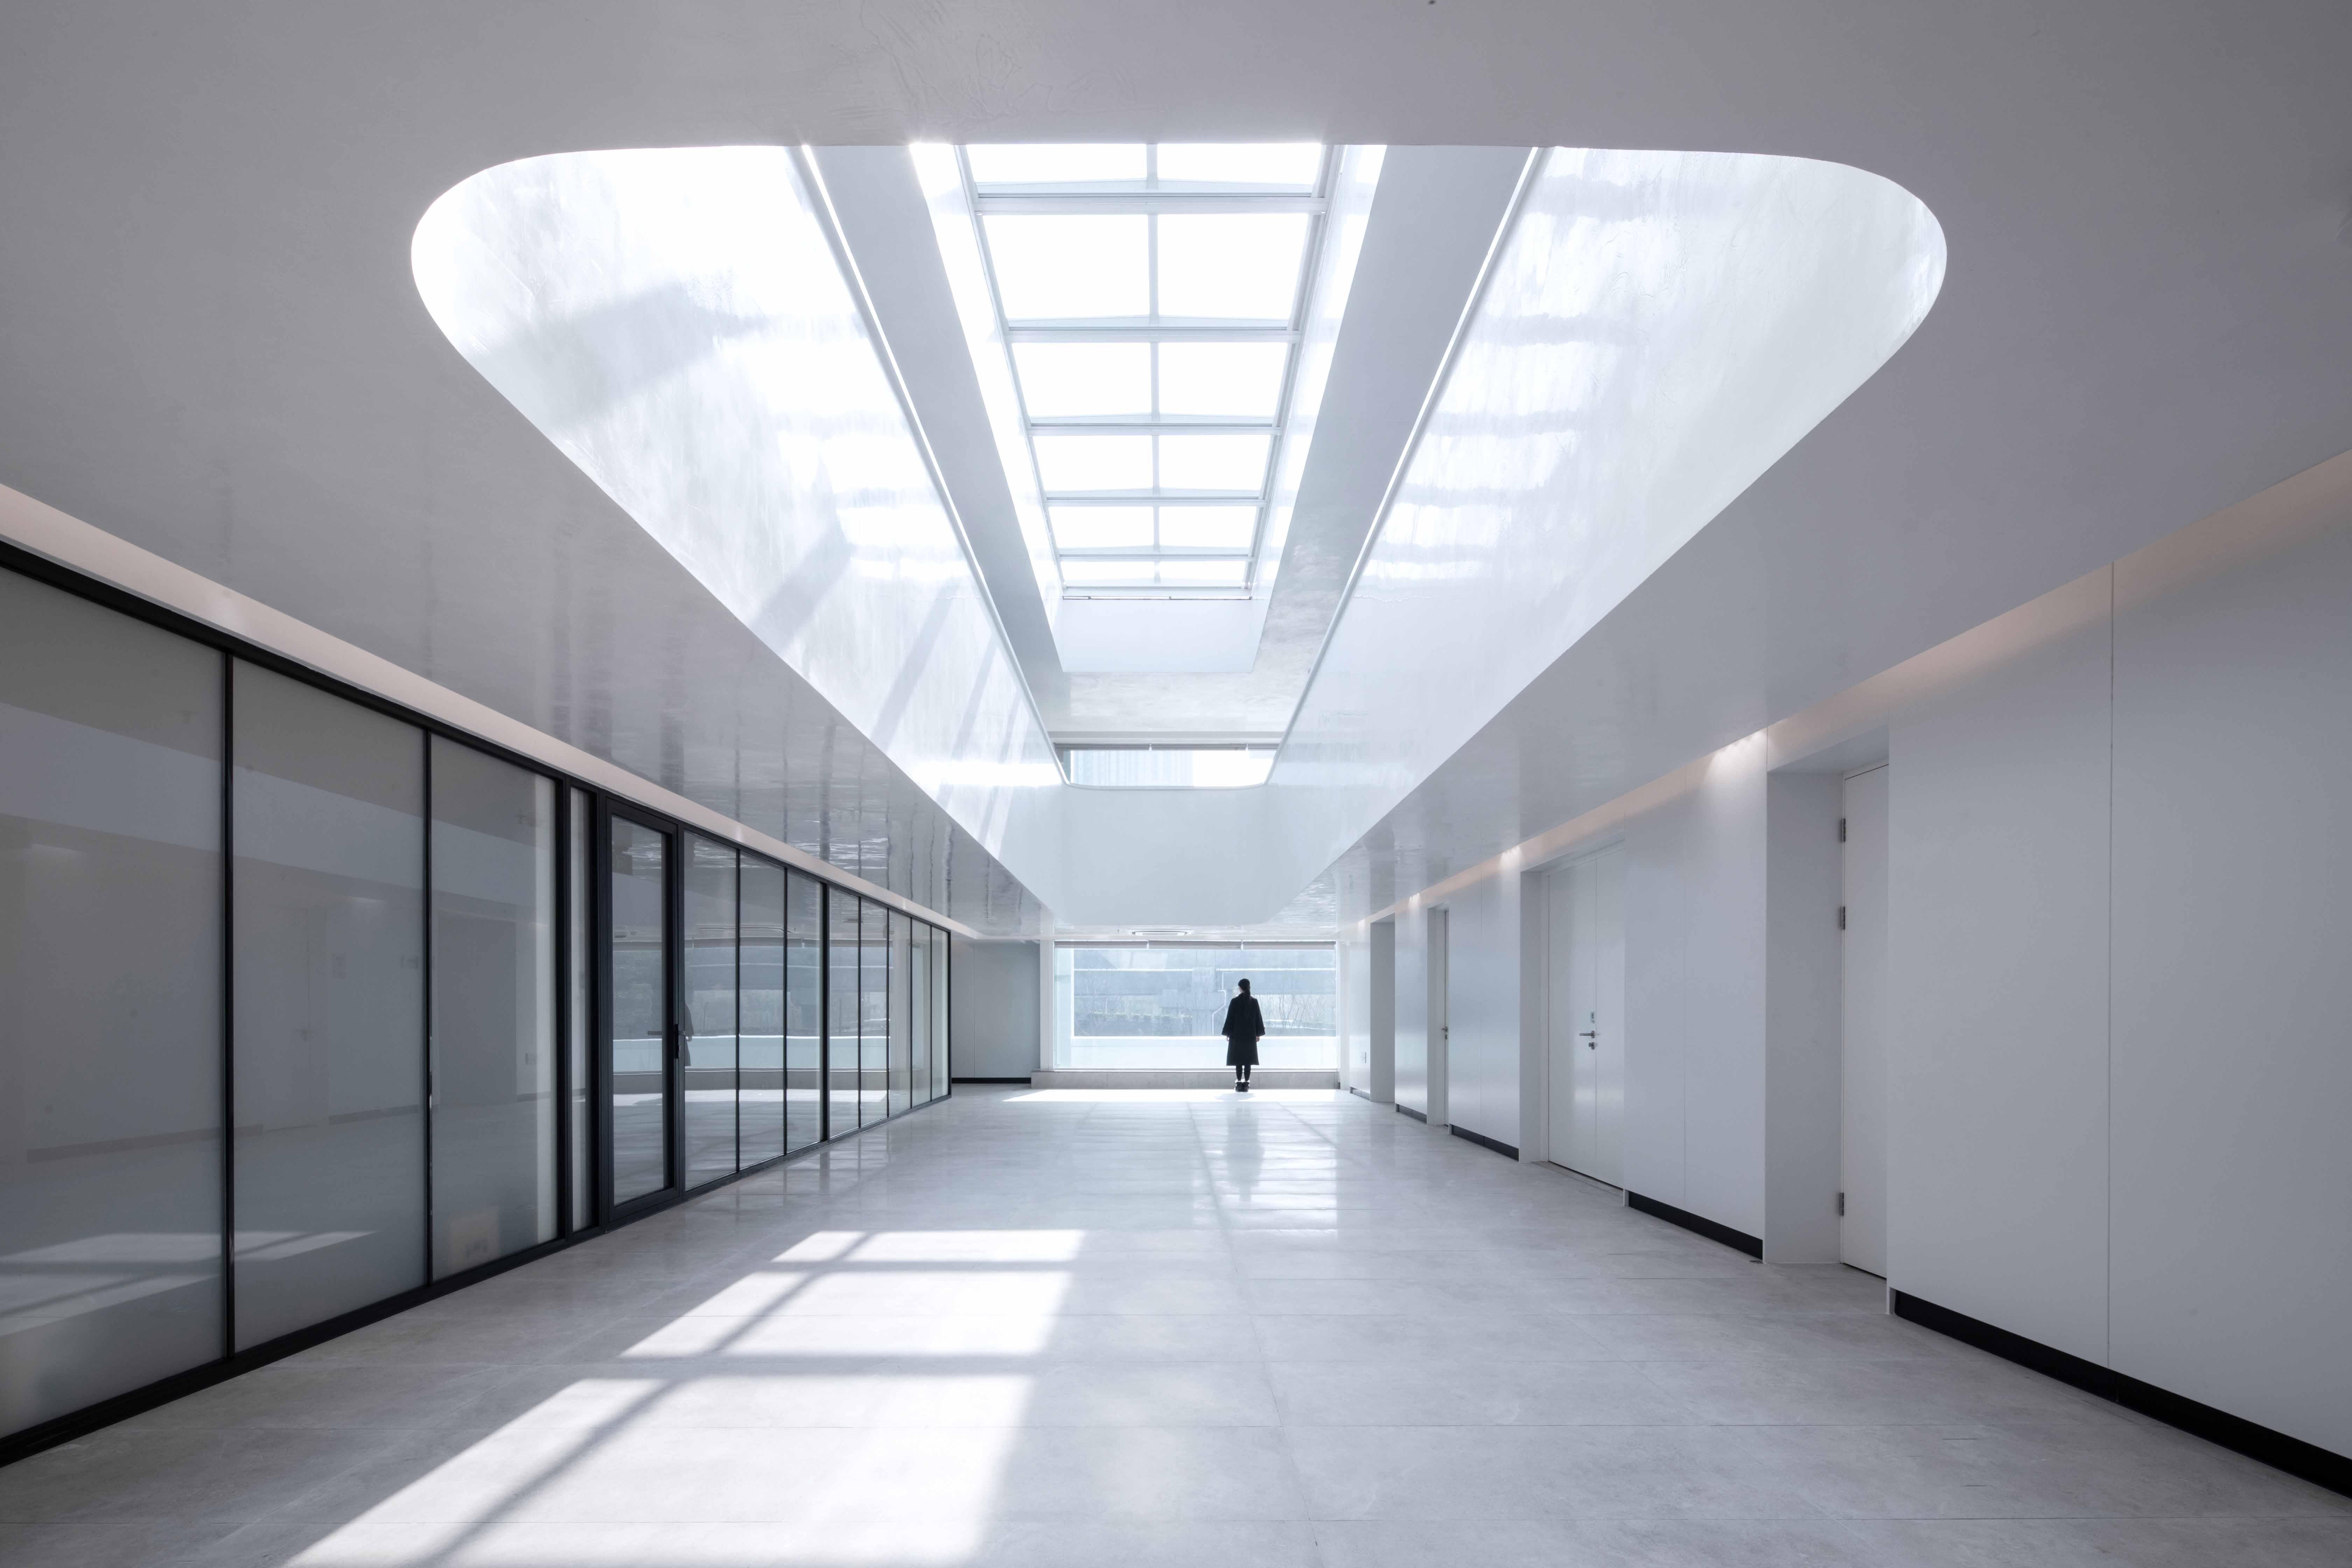 Indoors Schran Images